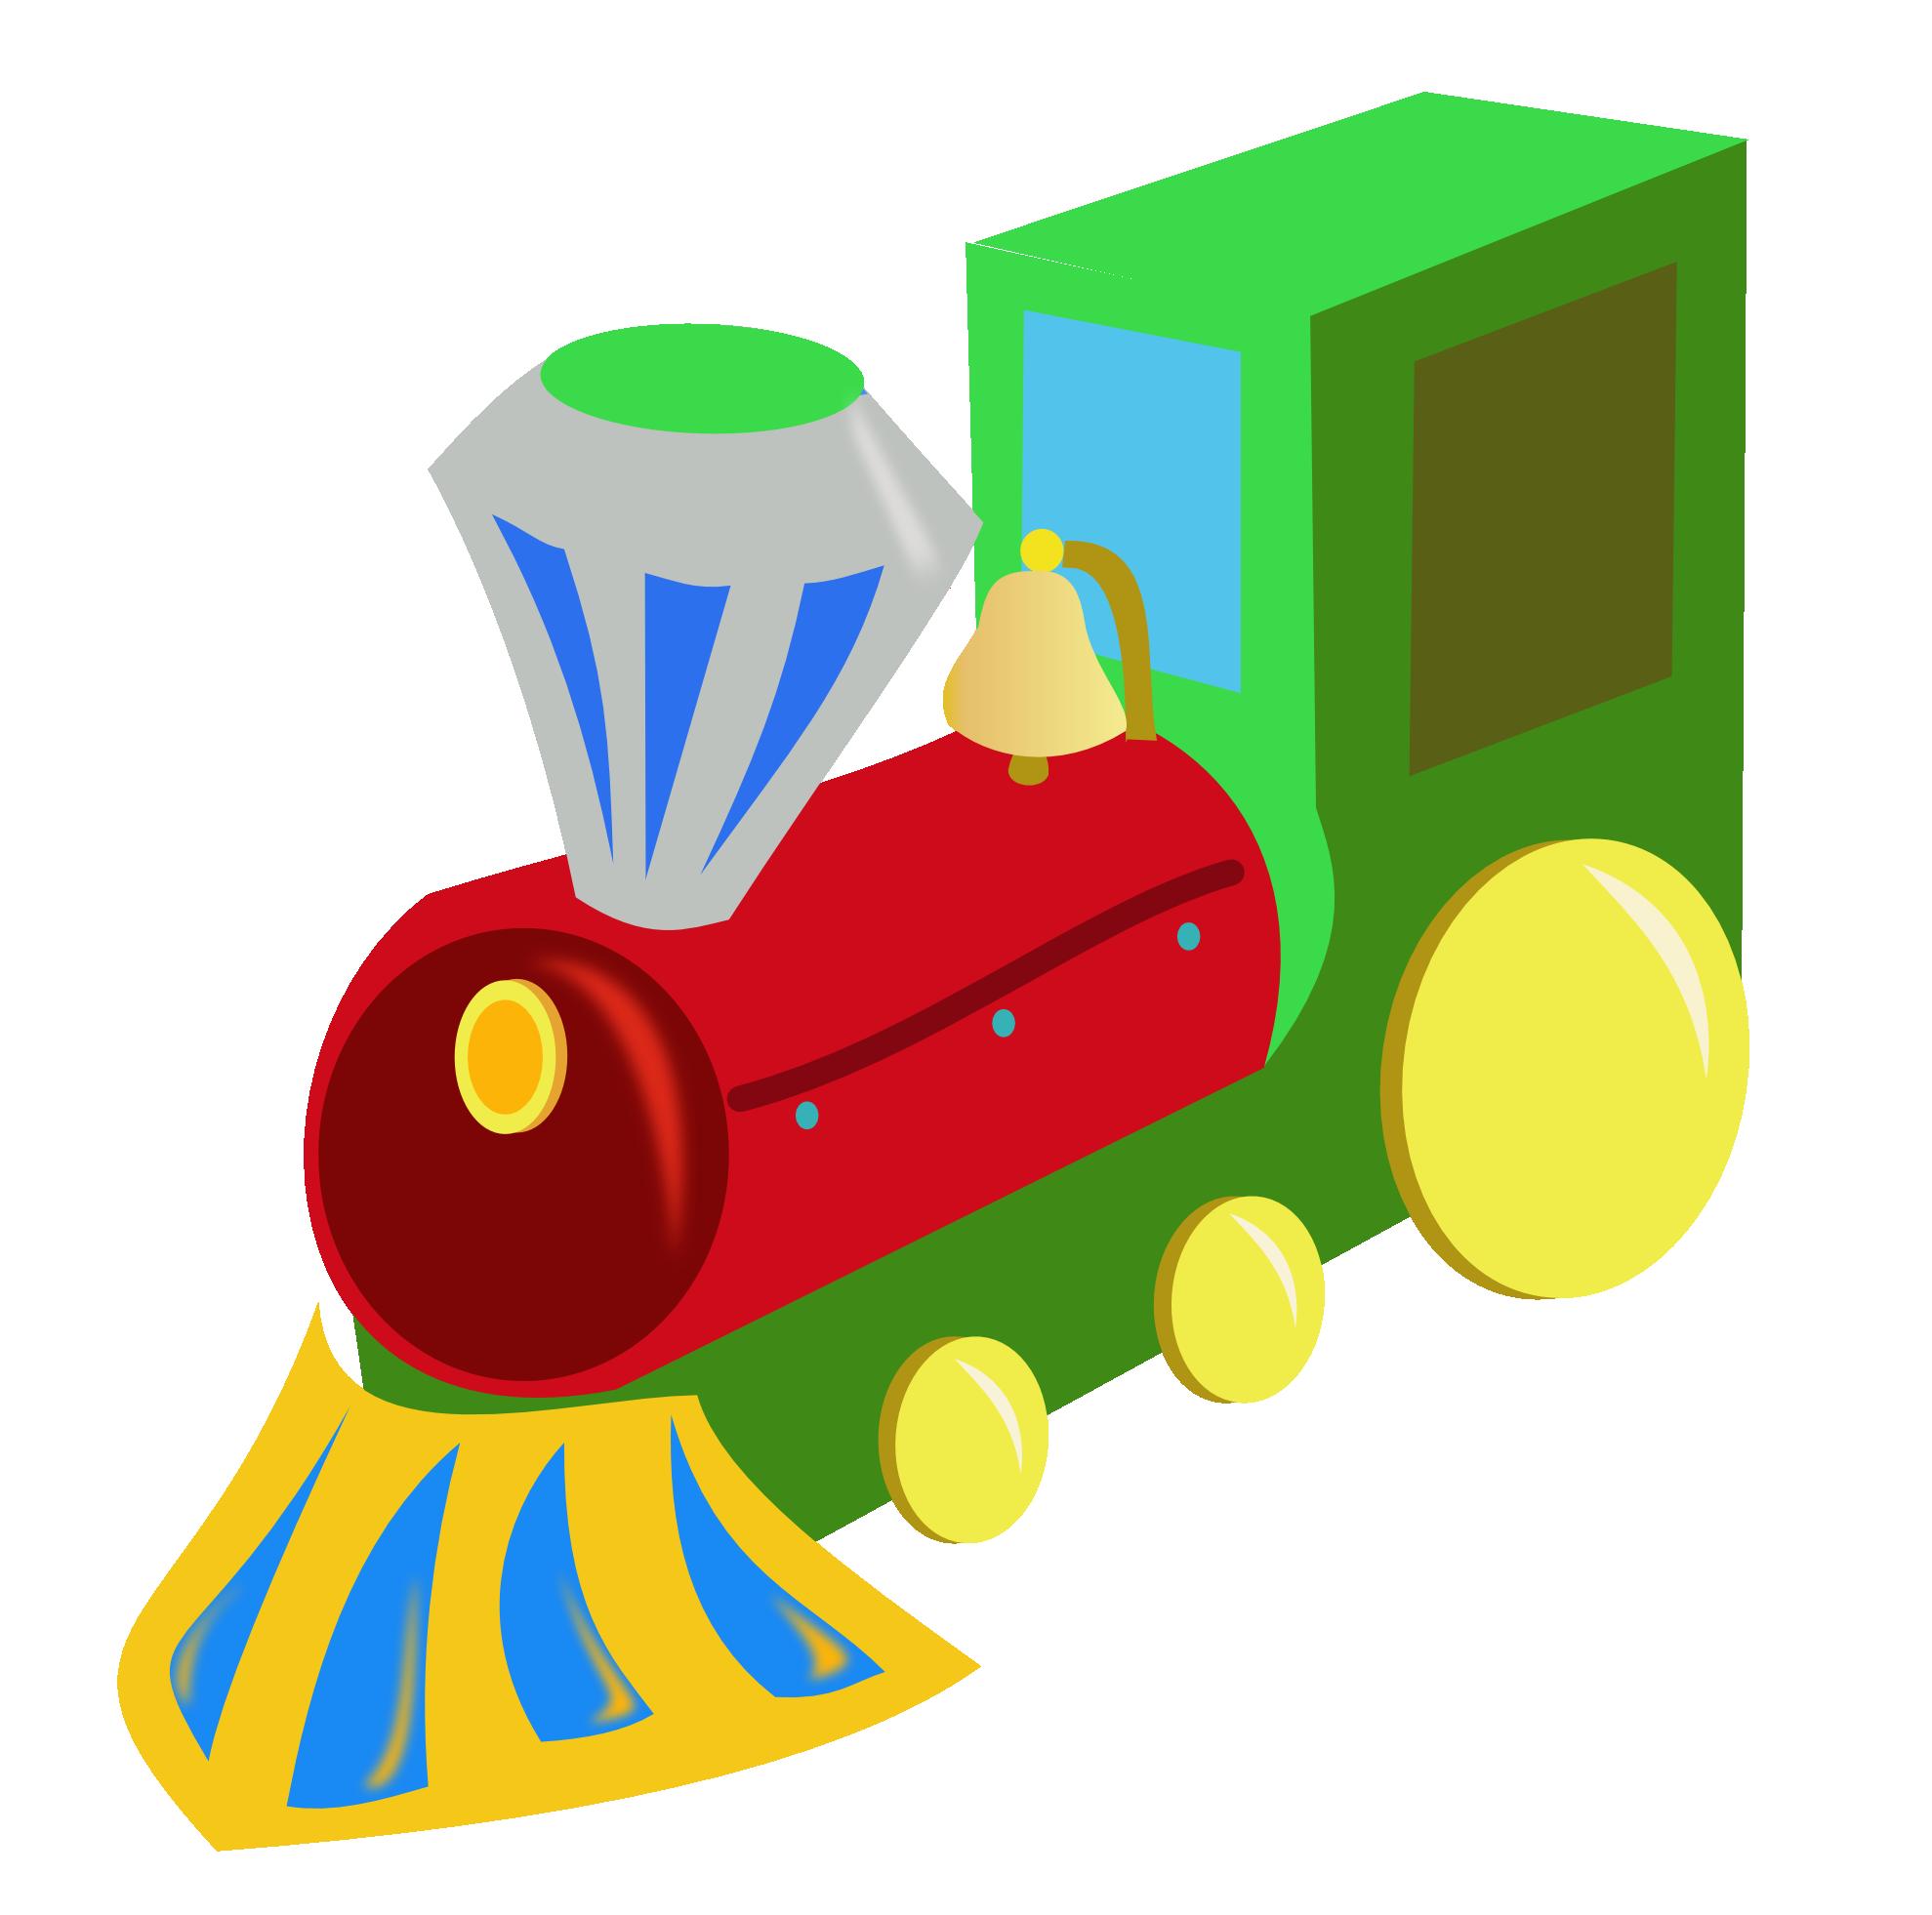 Engine clipart cute Clipartwork Clipart art Train Nice